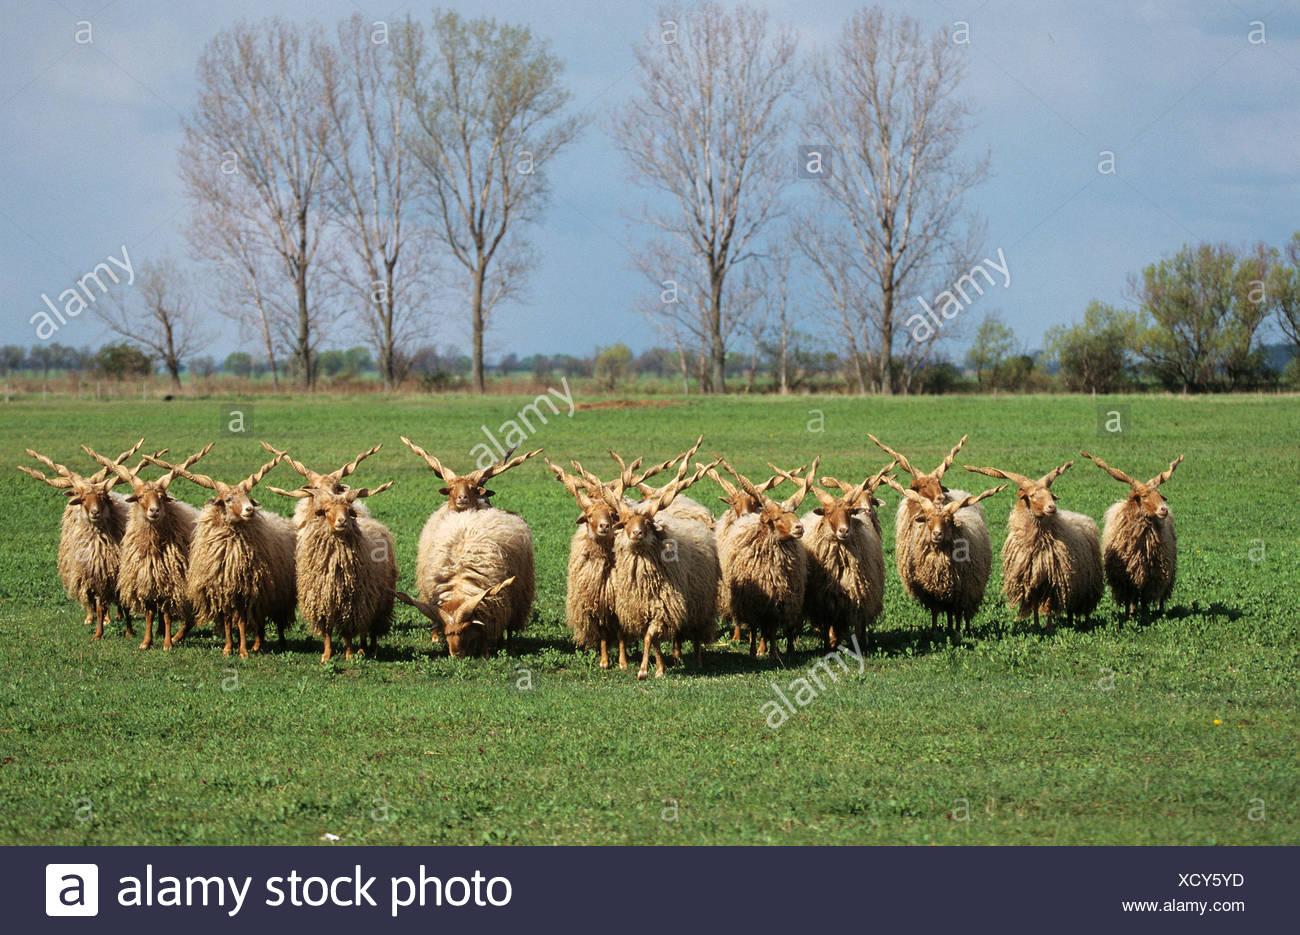 hungarian walachian sheep - herd on meadow - Stock Image